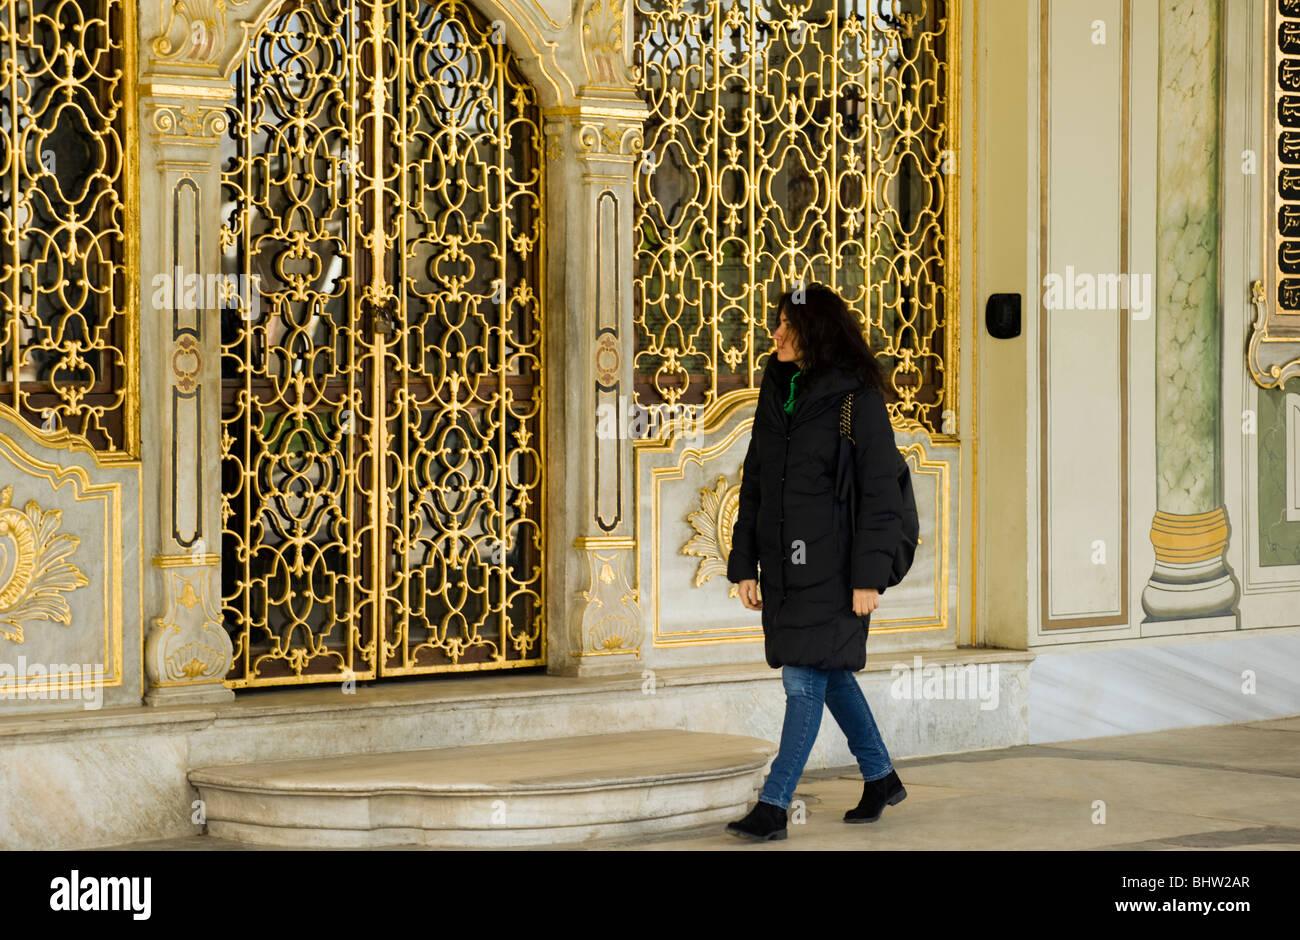 Salle de réunion du Palais de Topkapi, Istanbul Turquie Photo Stock